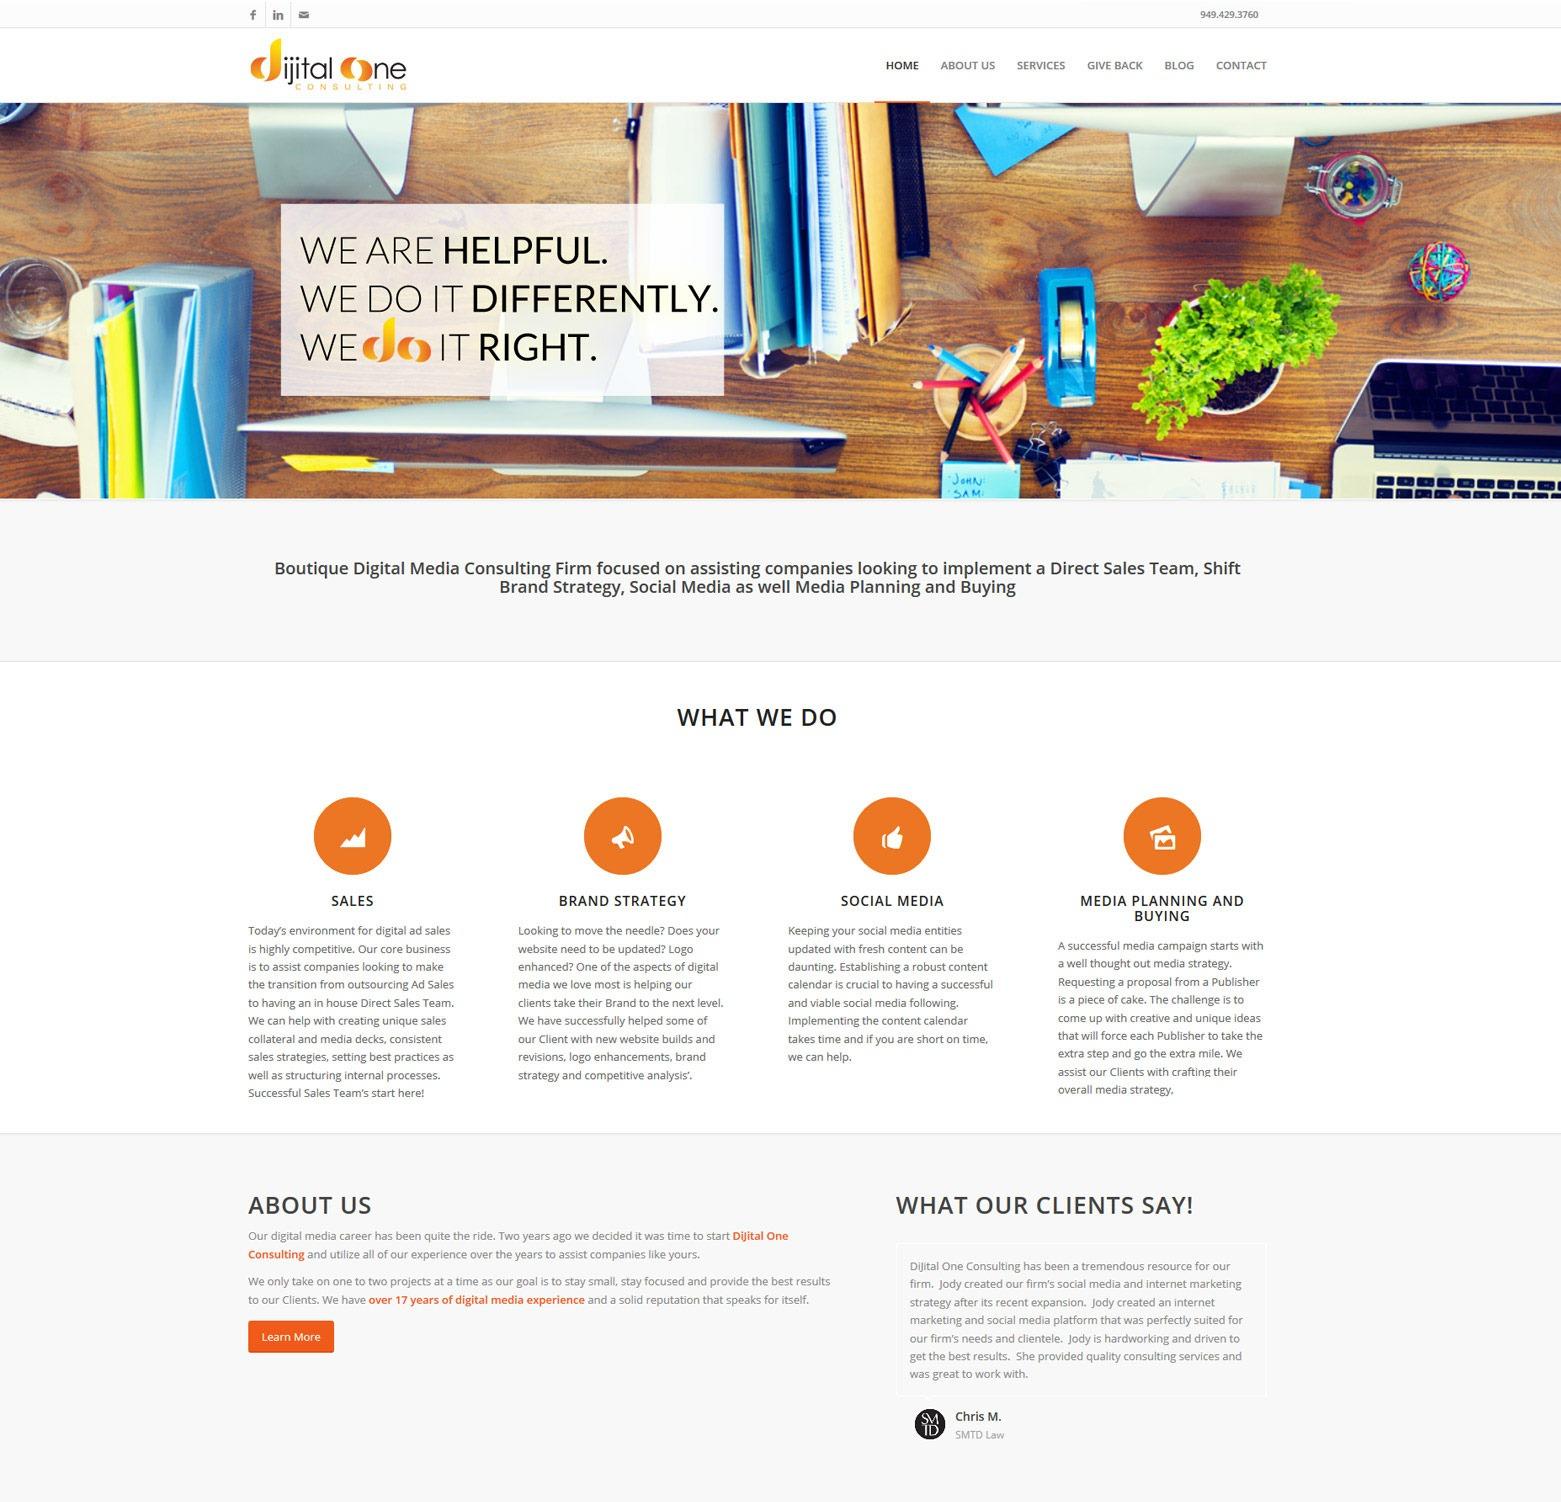 LA Angeles Consulting Web Design Company